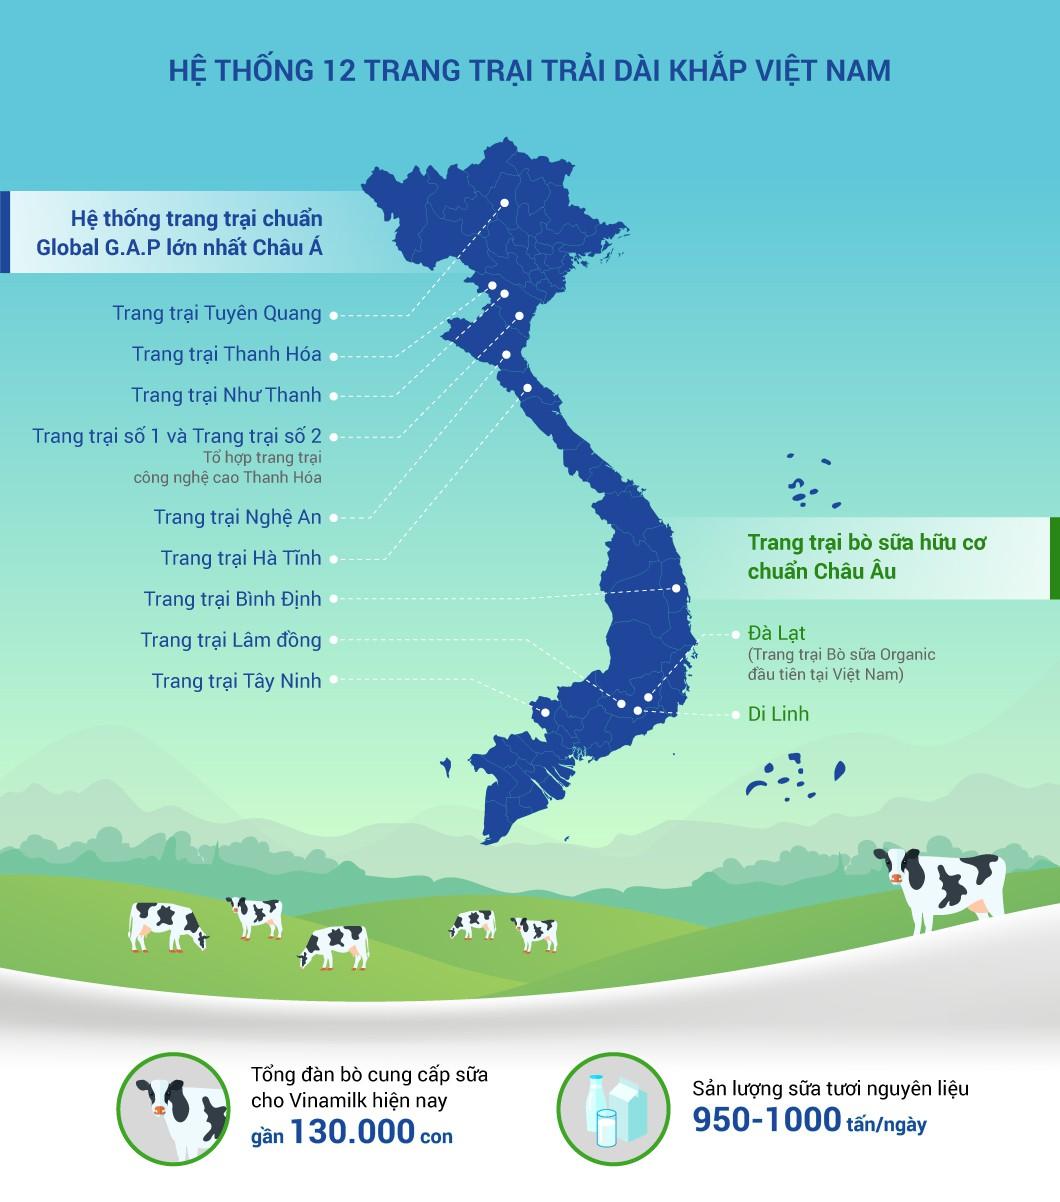 vinamilk - photo 1 15572167255751987124561 - Vinamilk – Doanh nghiệp tiên phong trong ngành công nghiệp sữa